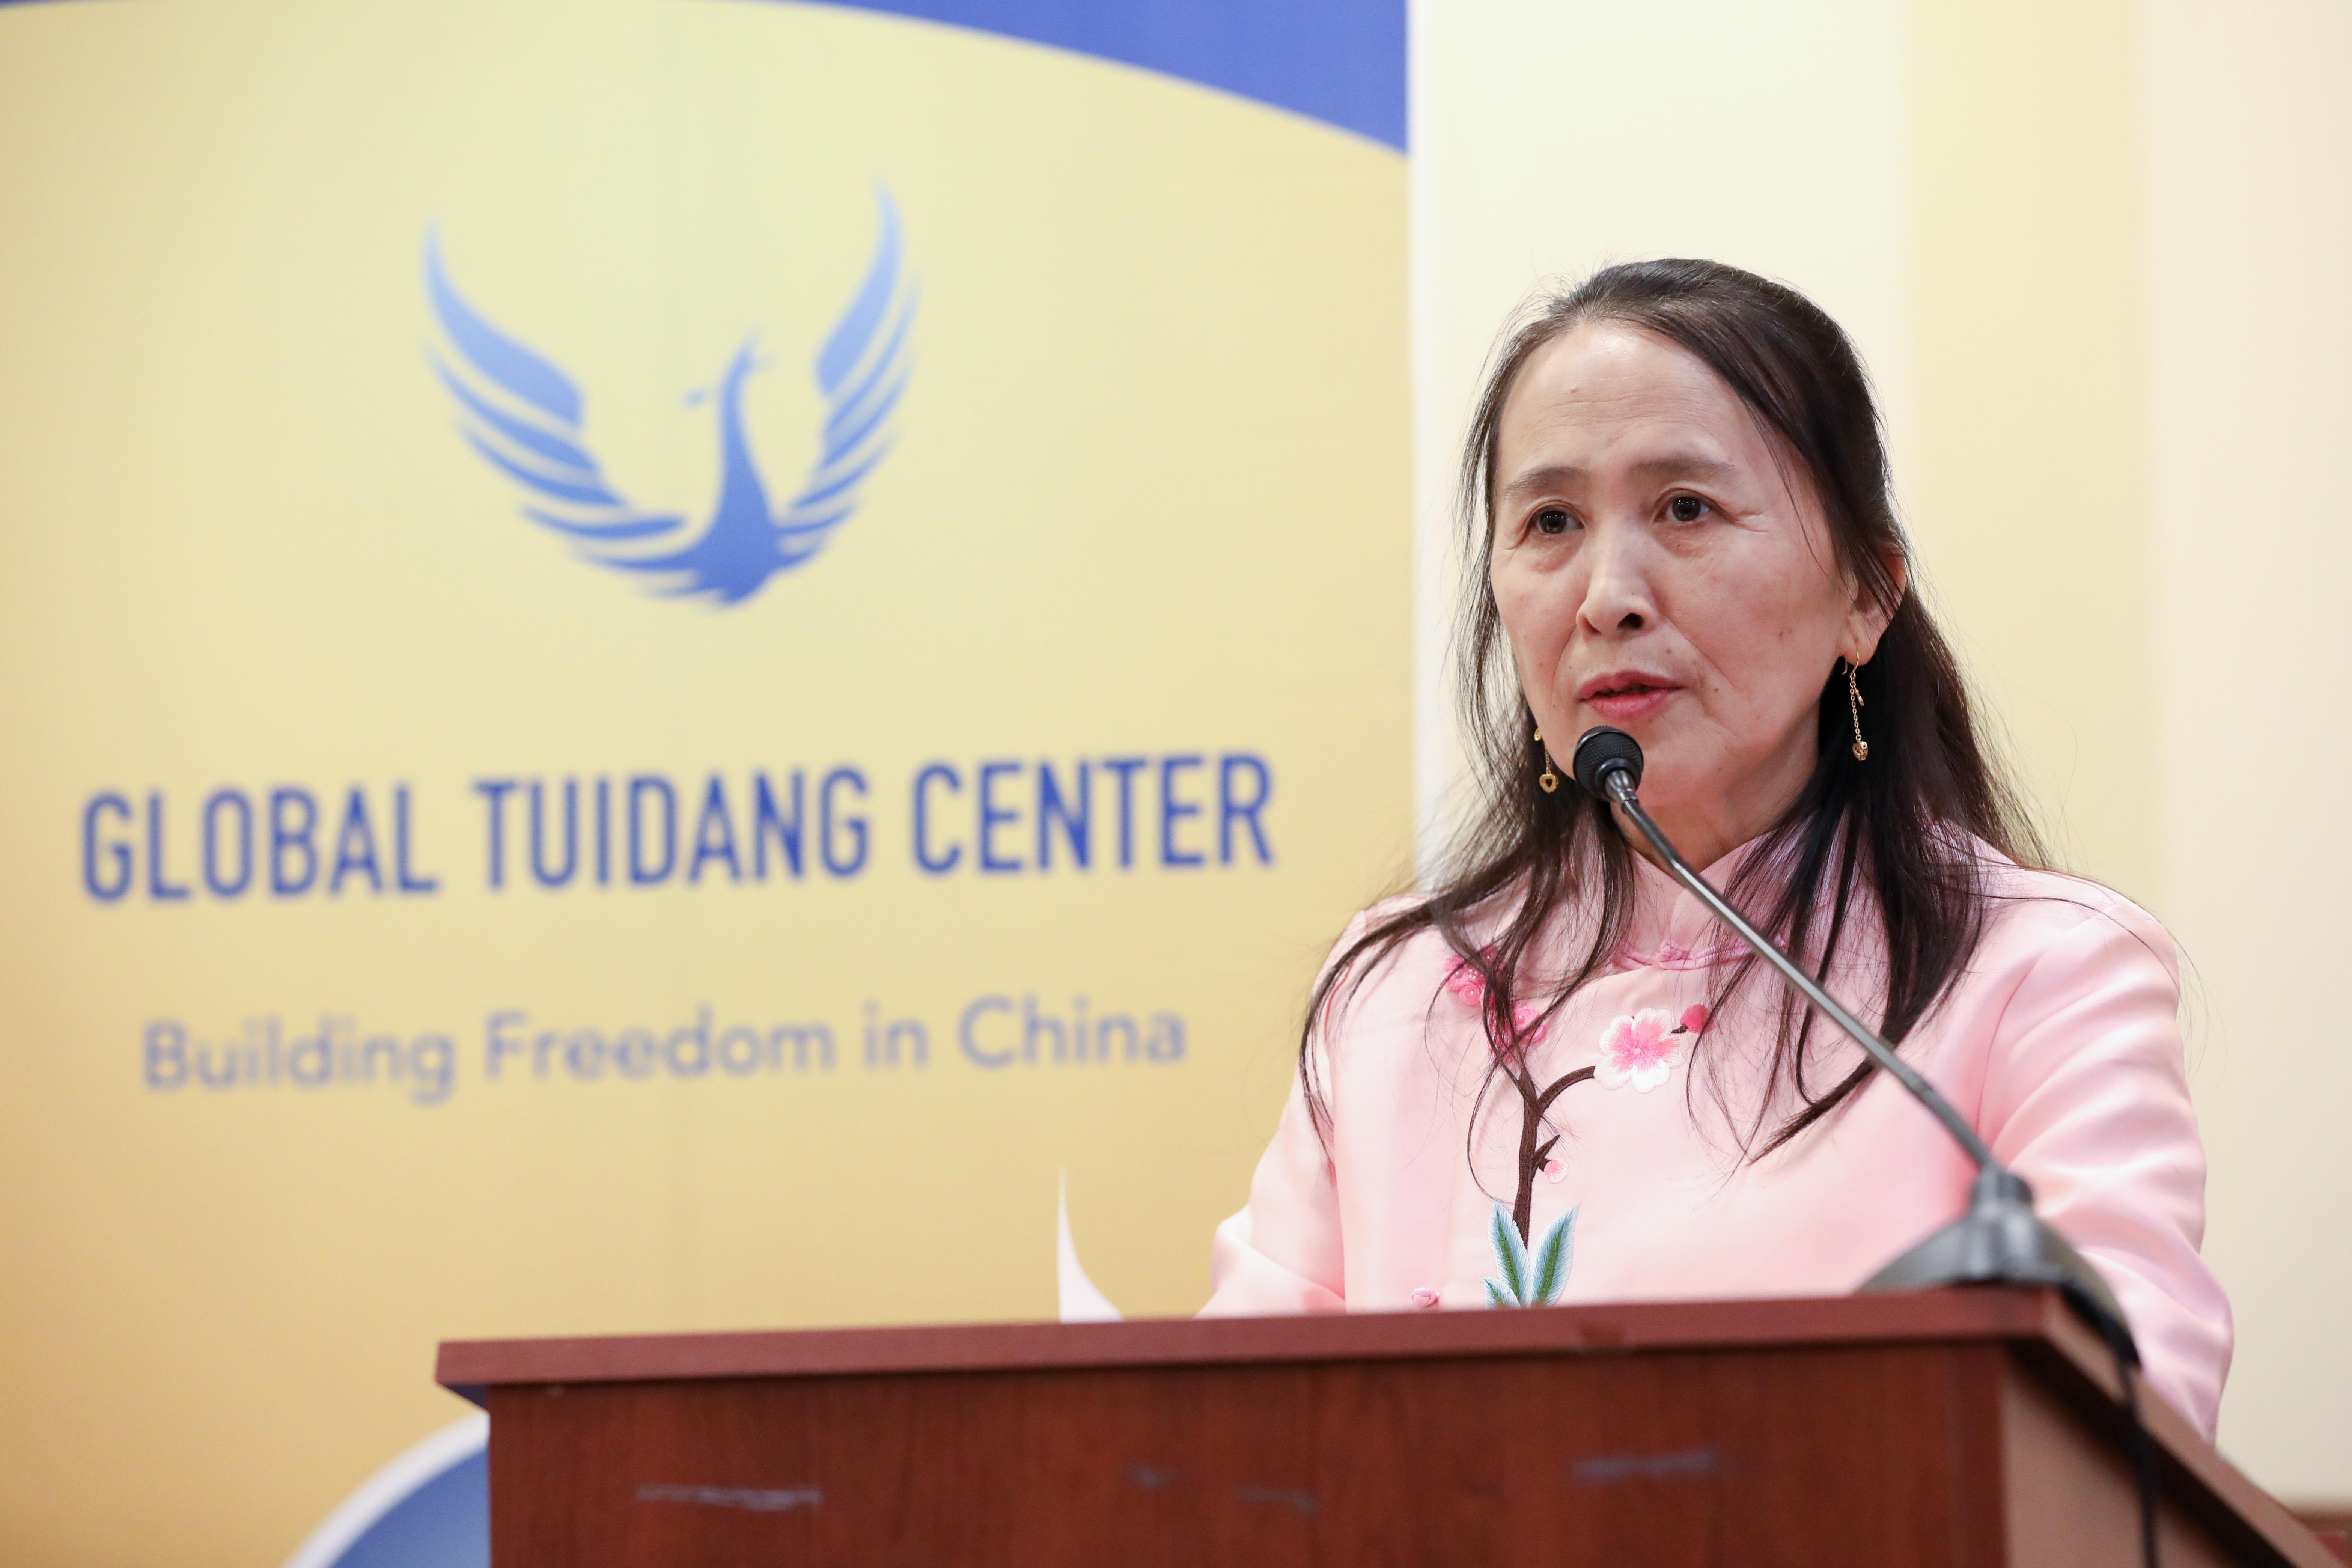 全球退黨中心主席易蓉女士表示,退黨為中國人重新找回良知與道德。 (Samira Bouaou/大紀元)